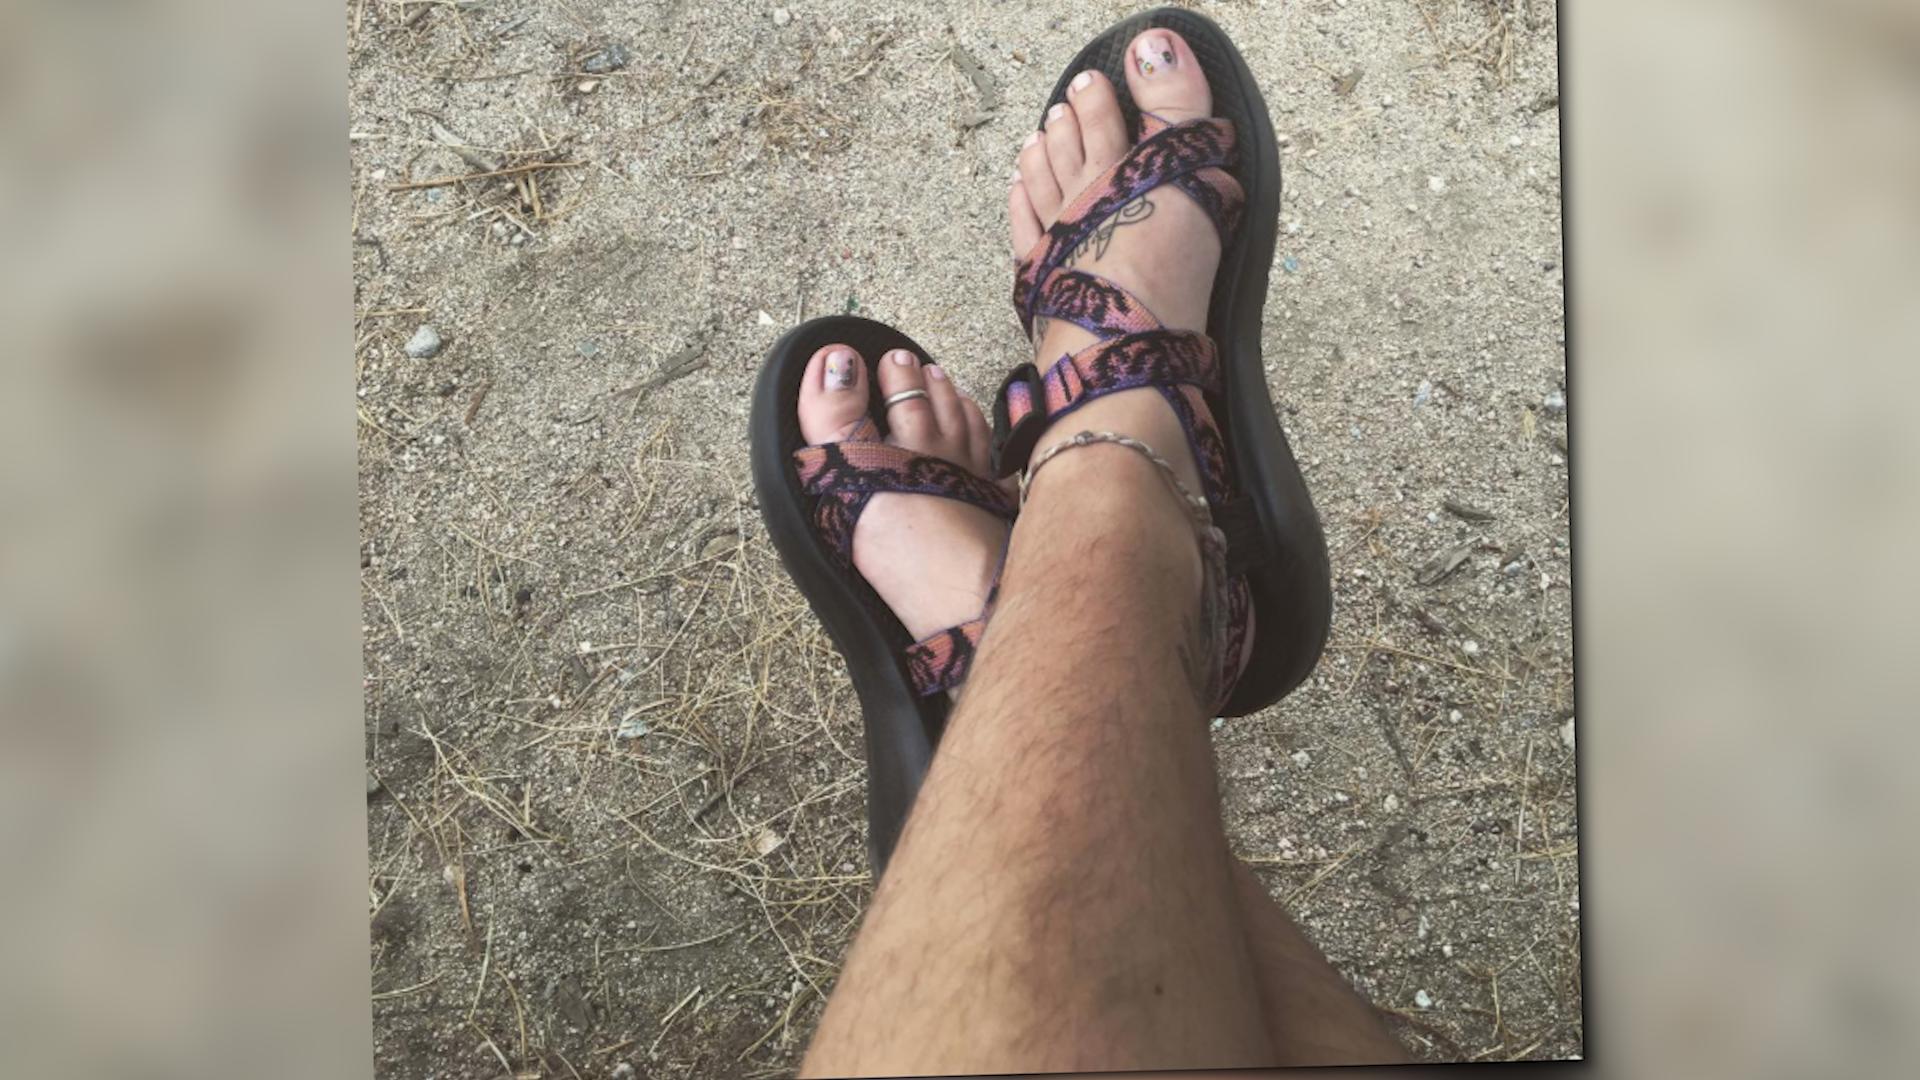 Bild zu Behaarte Beine, na und?